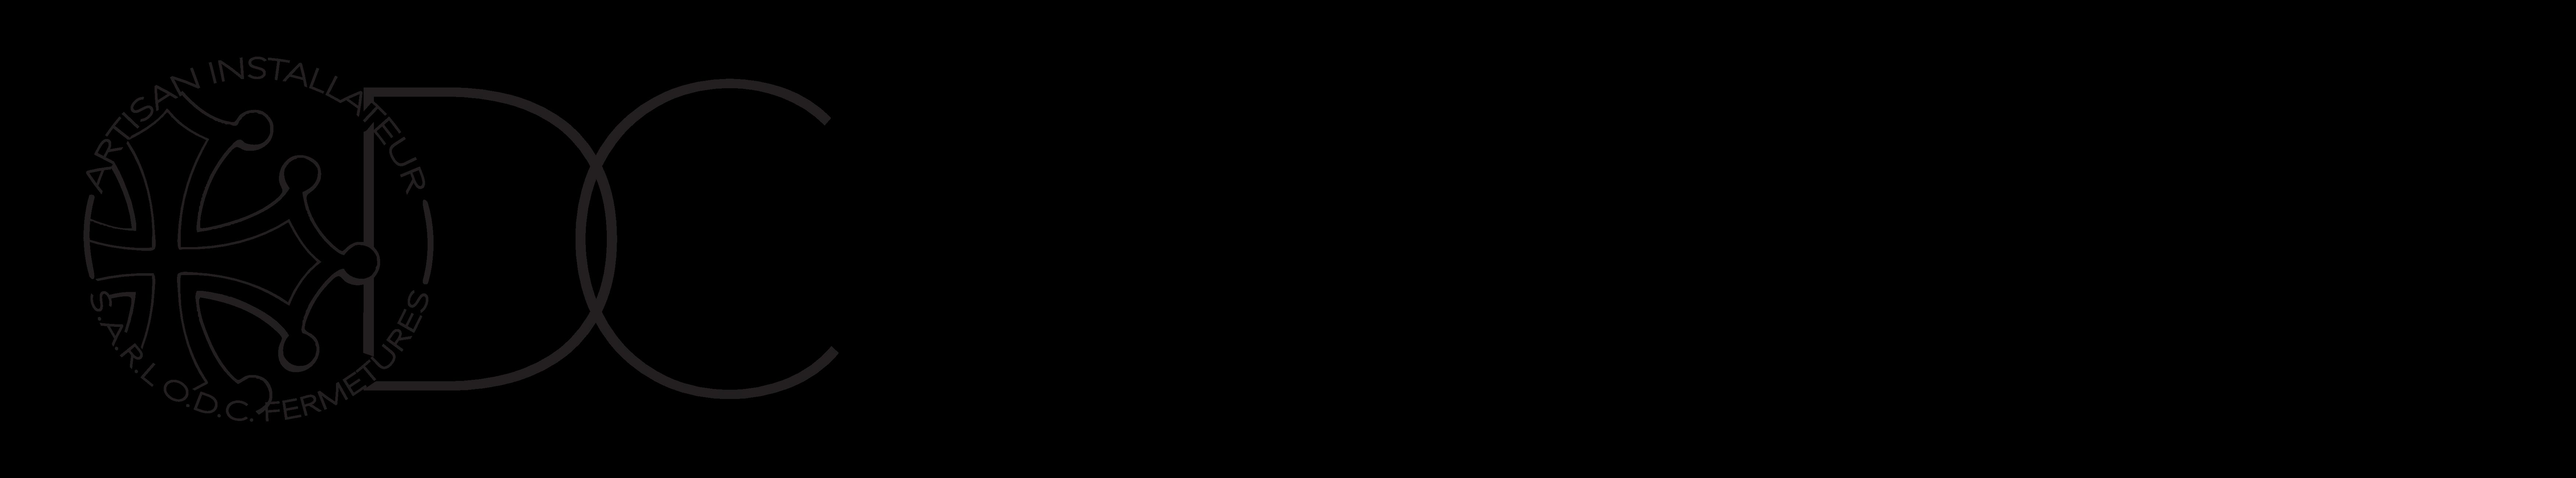 ODC Fermetures Logo